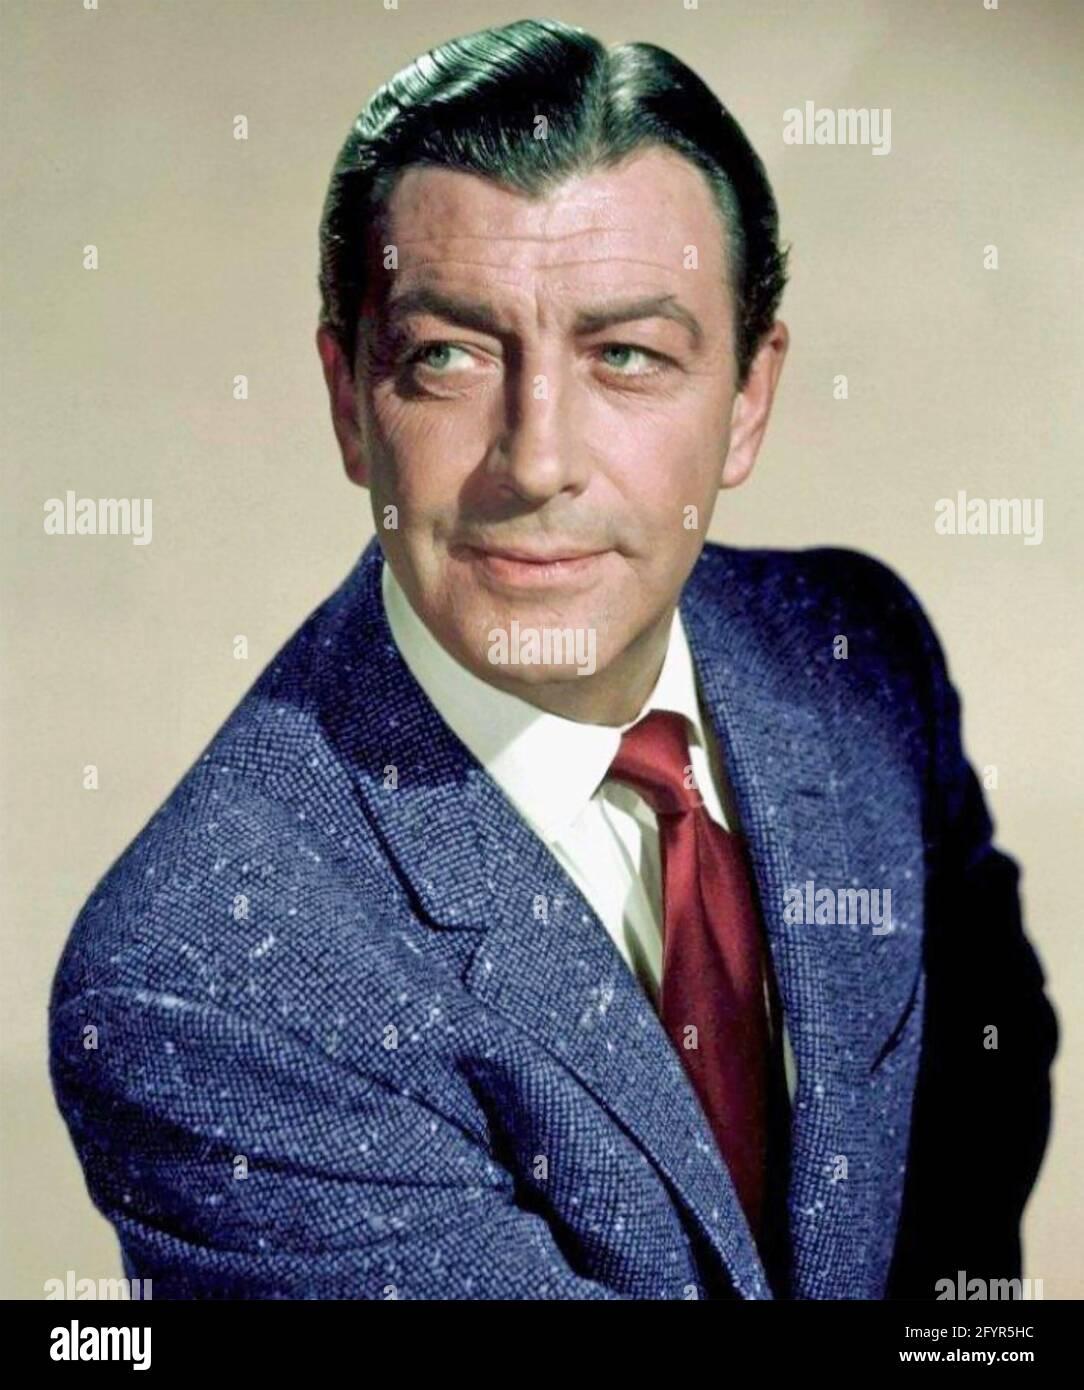 ROBERT TAYLOR (1911-1969) attore cinematografico americano circa 1960 Foto Stock